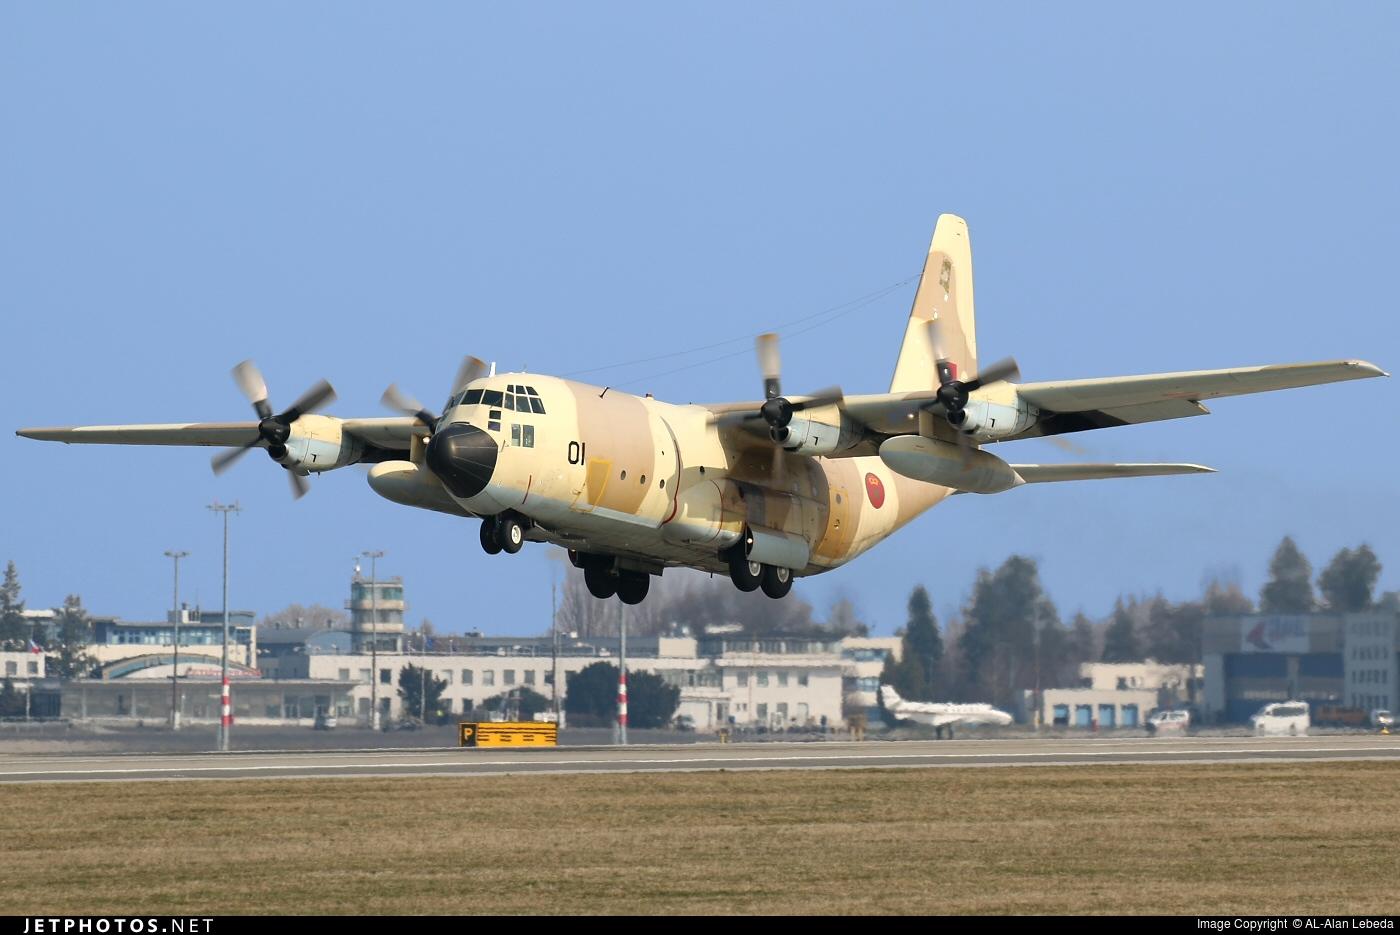 FRA: Photos d'avions de transport - Page 27 160401020733606266